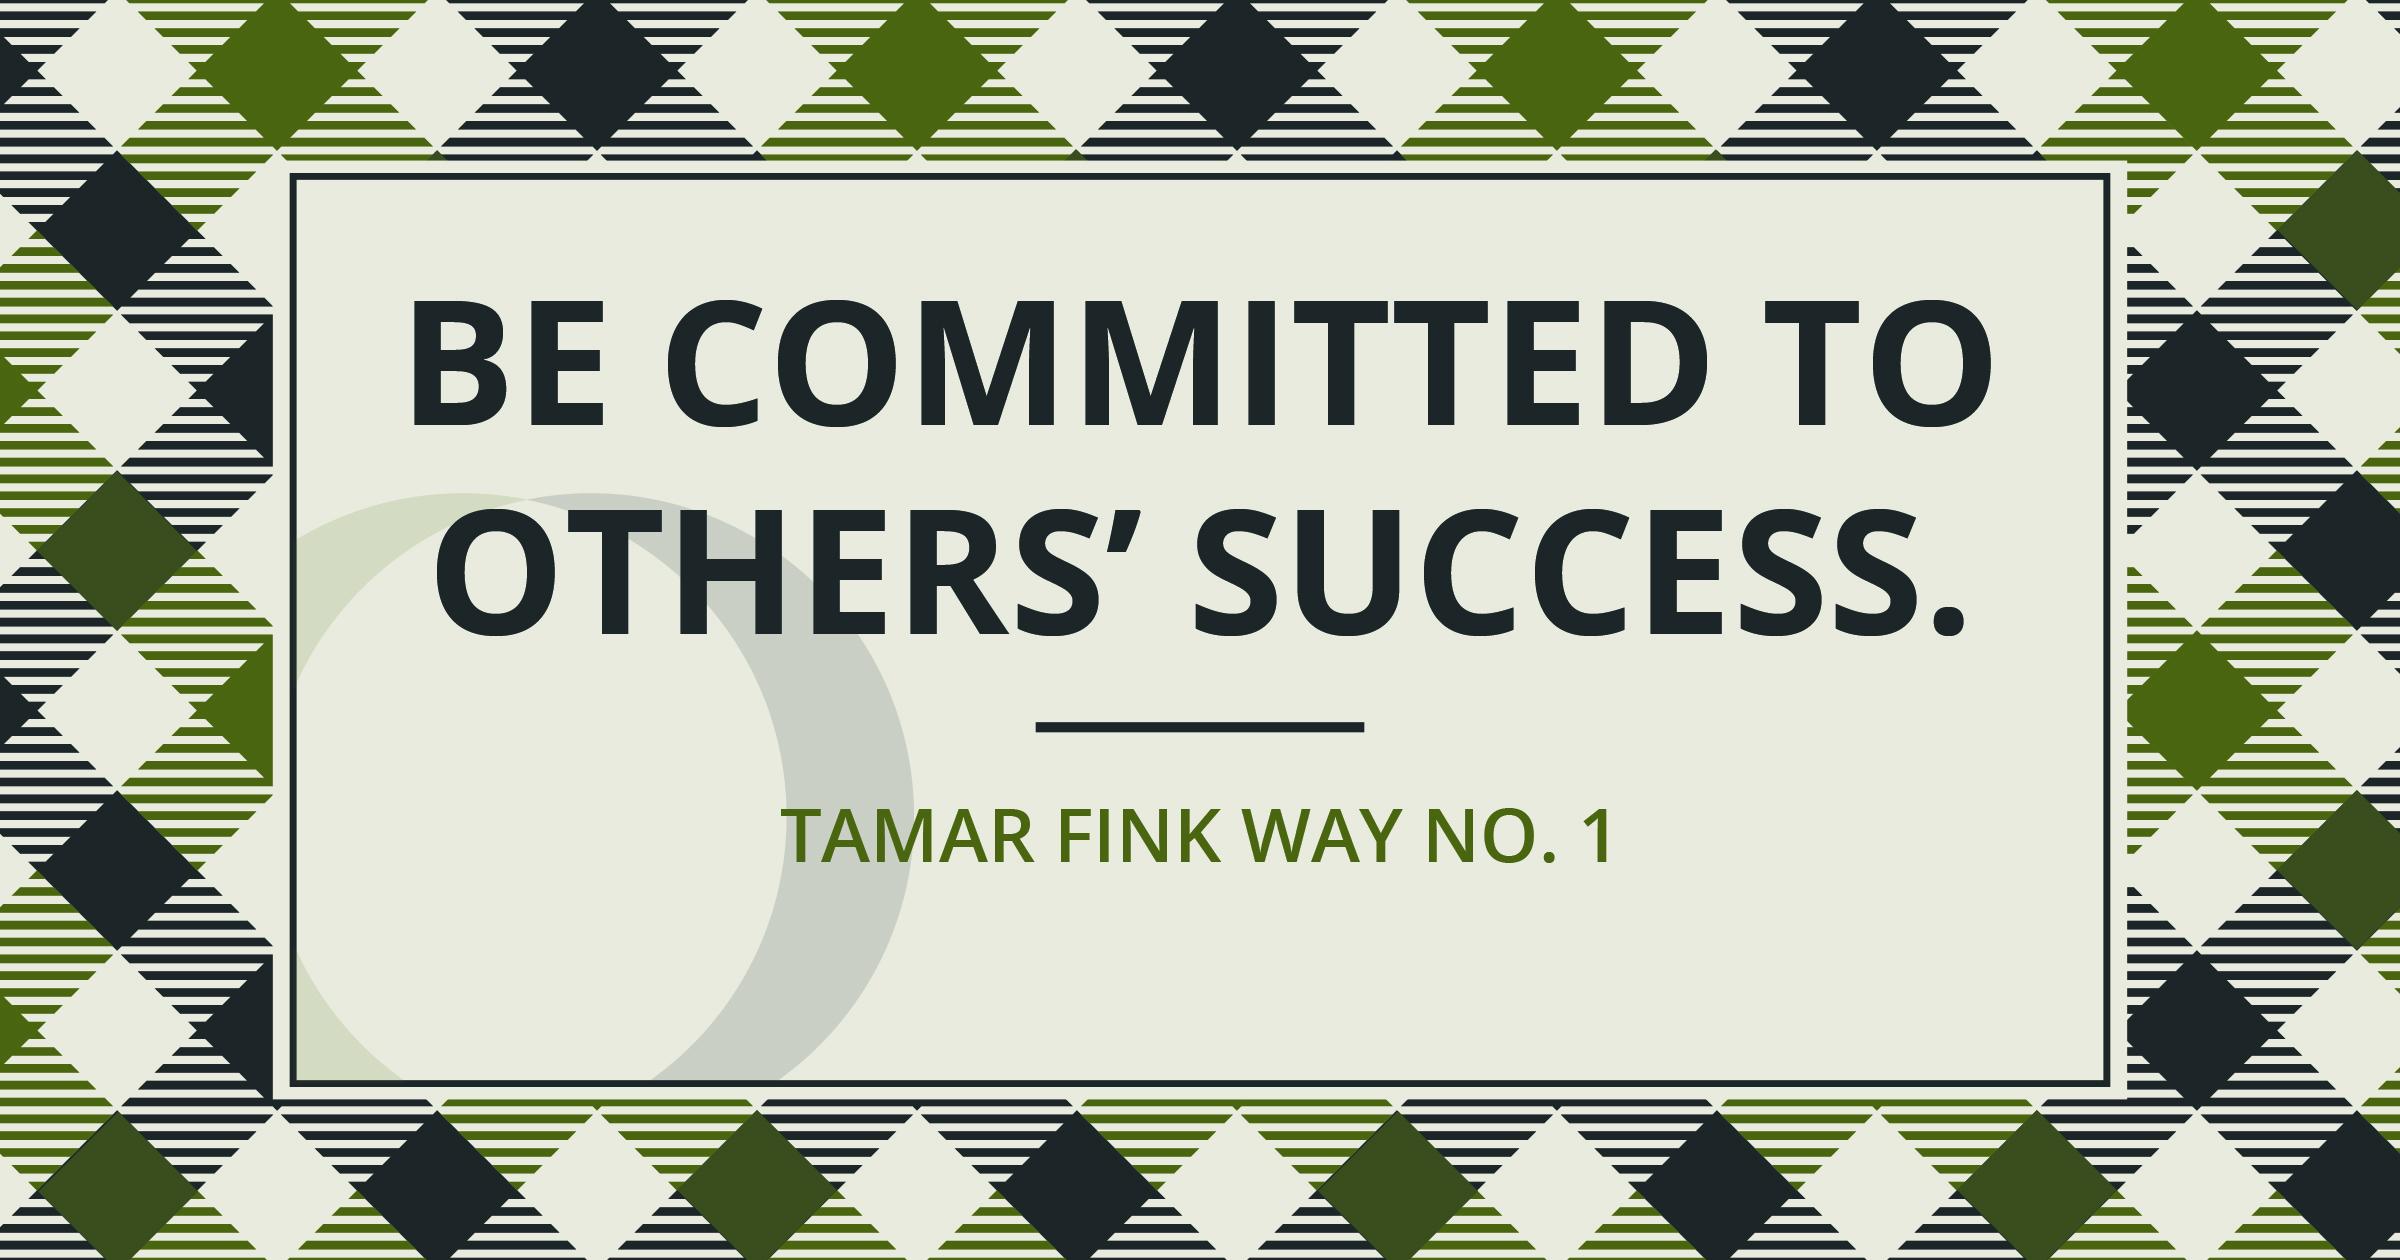 The Tamar Fink Way - #1